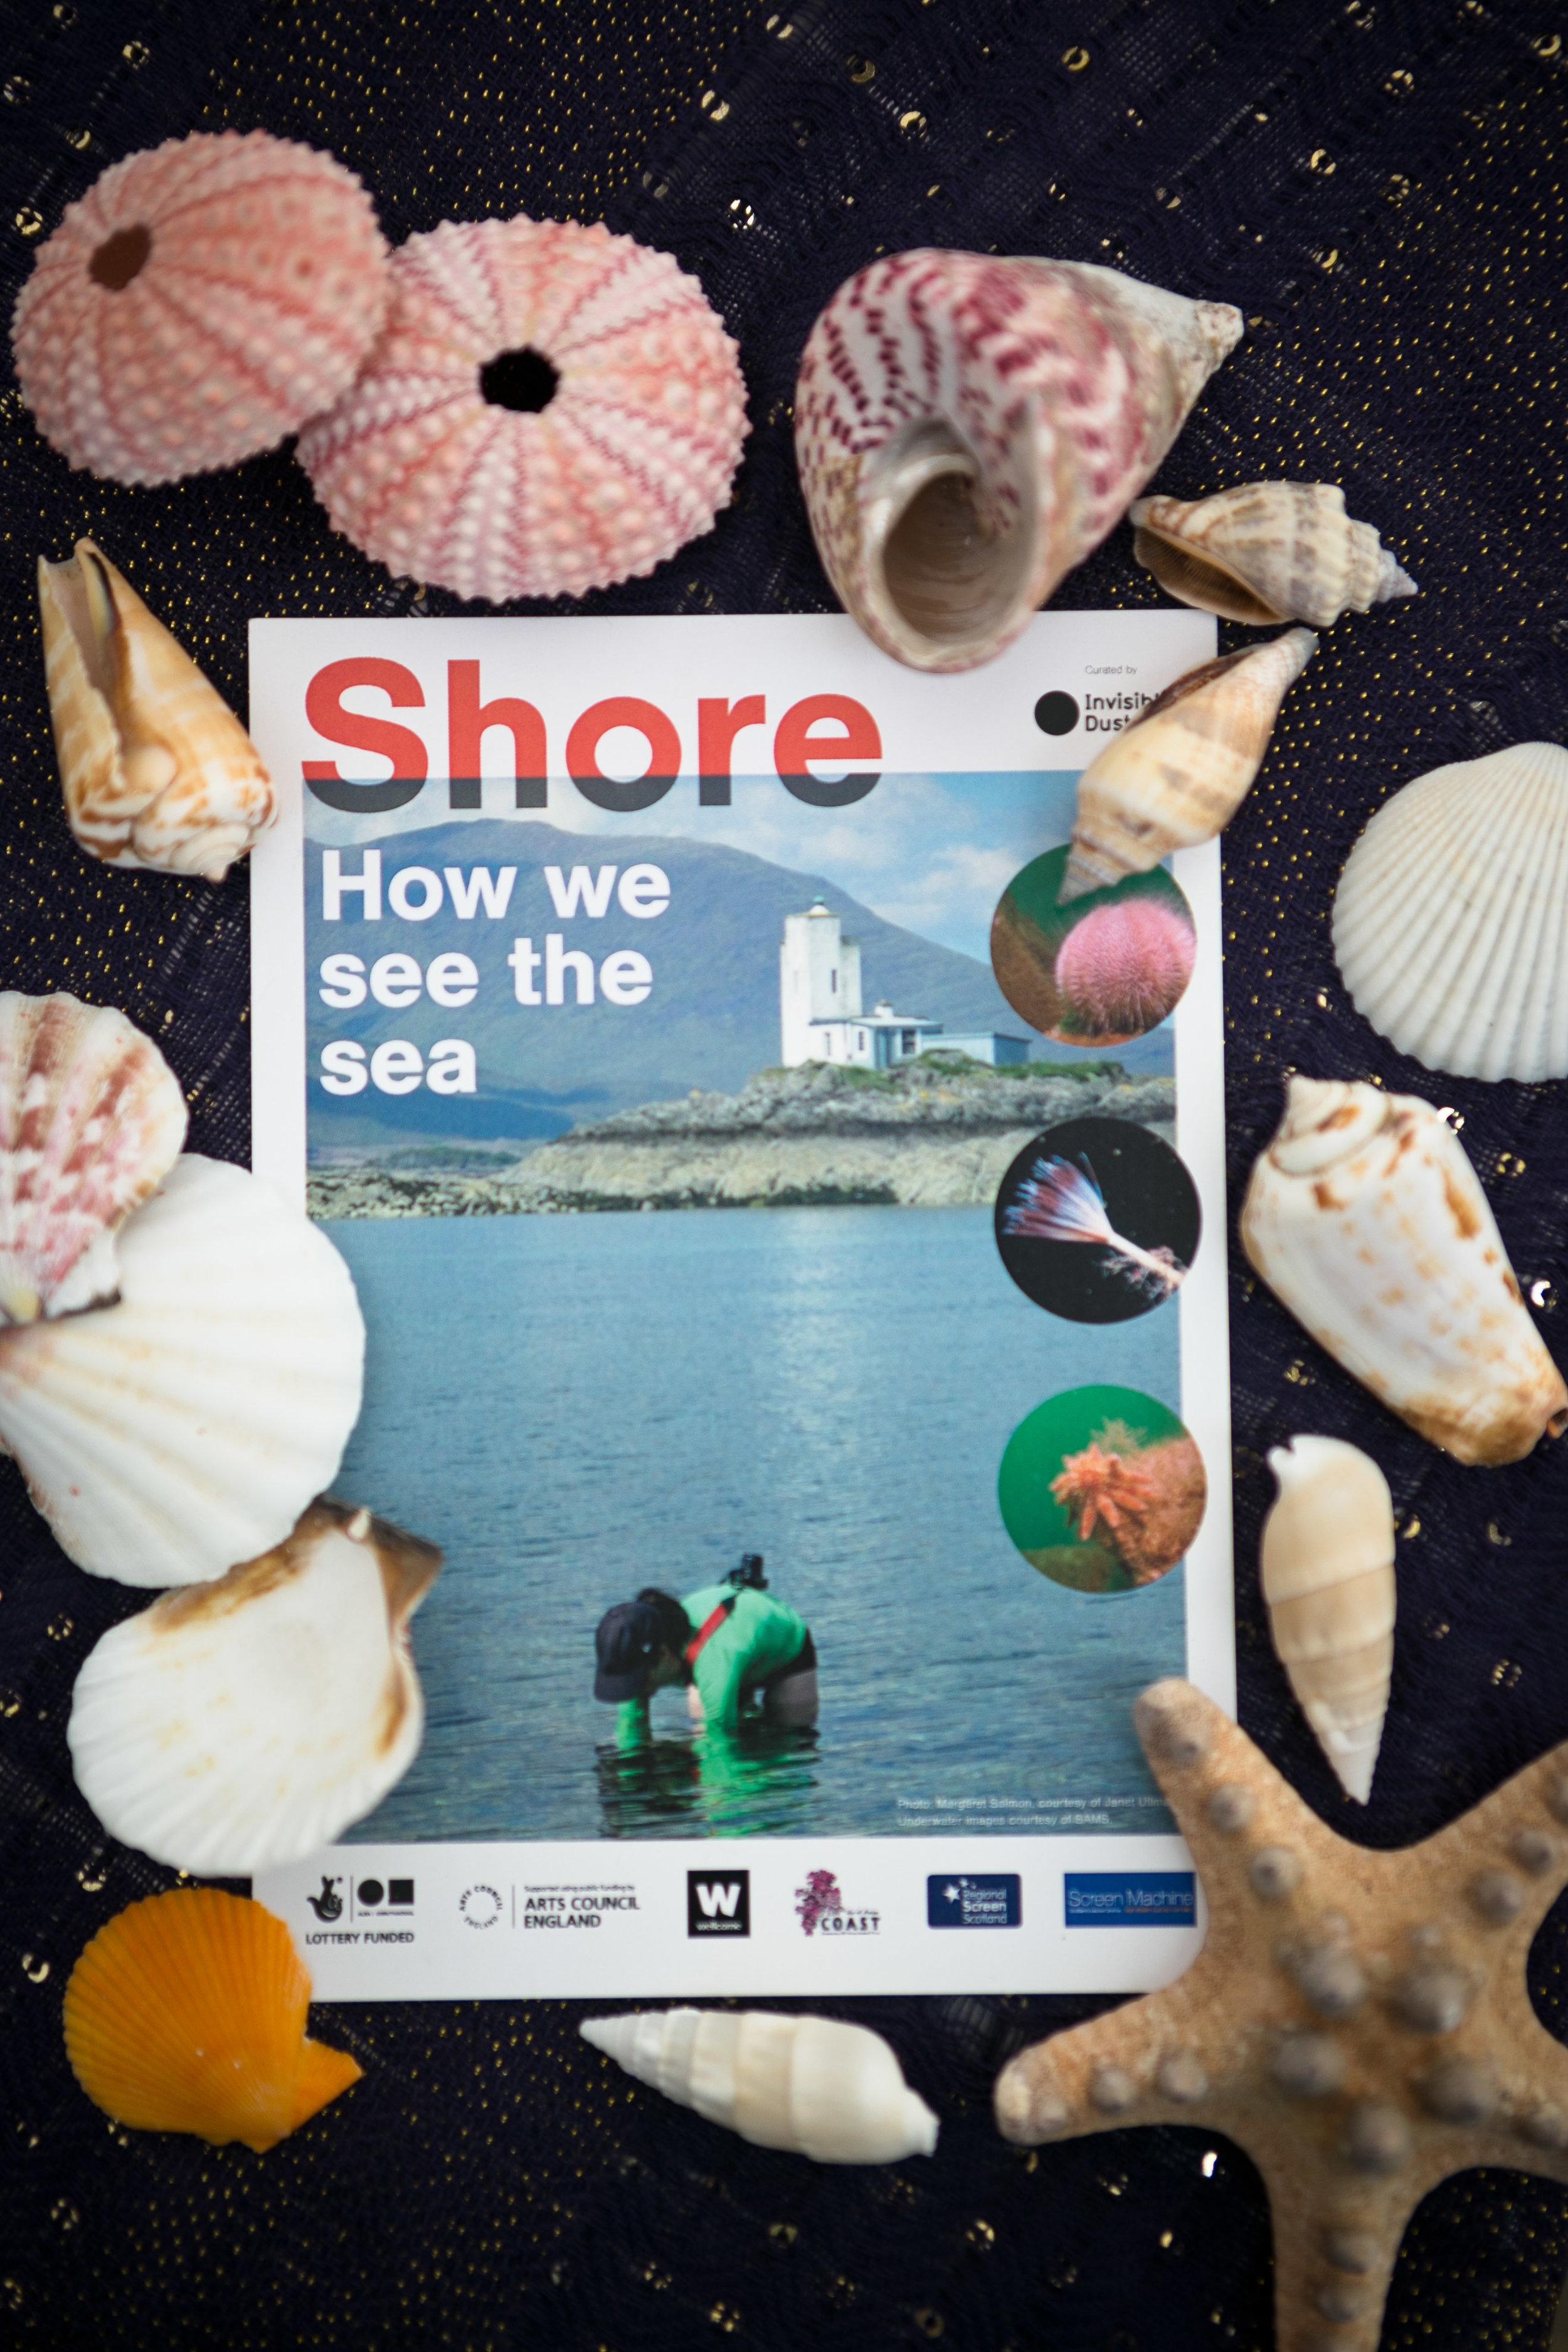 Shore19 Final - eoincarey_0676.jpg